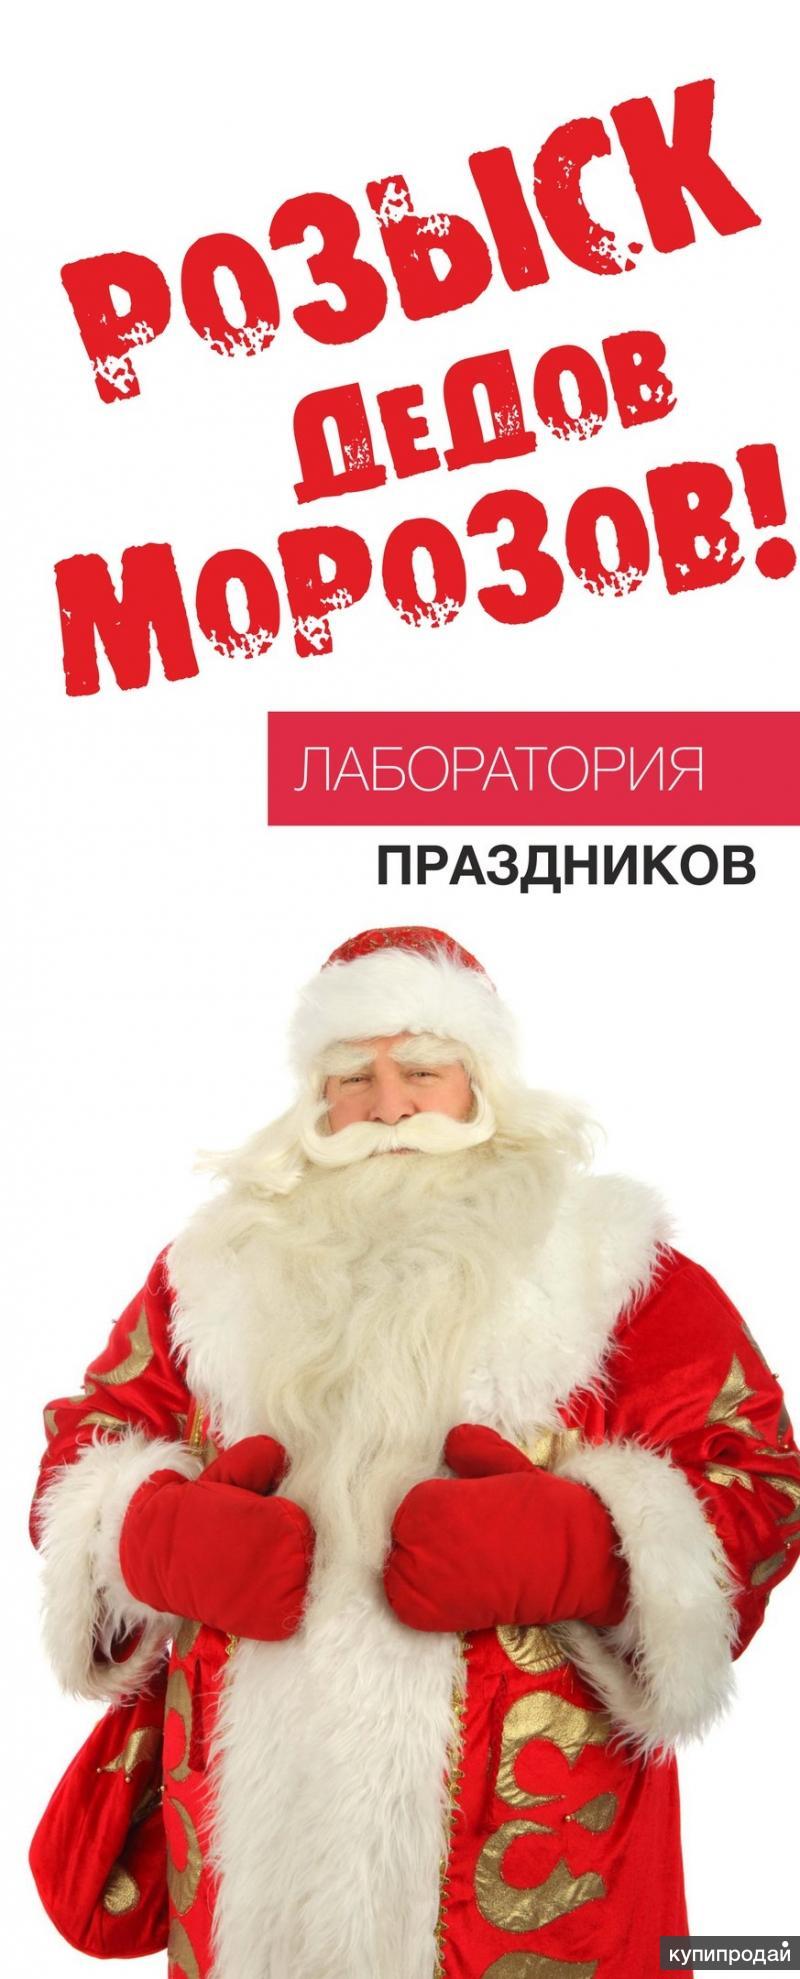 Розыск Дедов Морозов